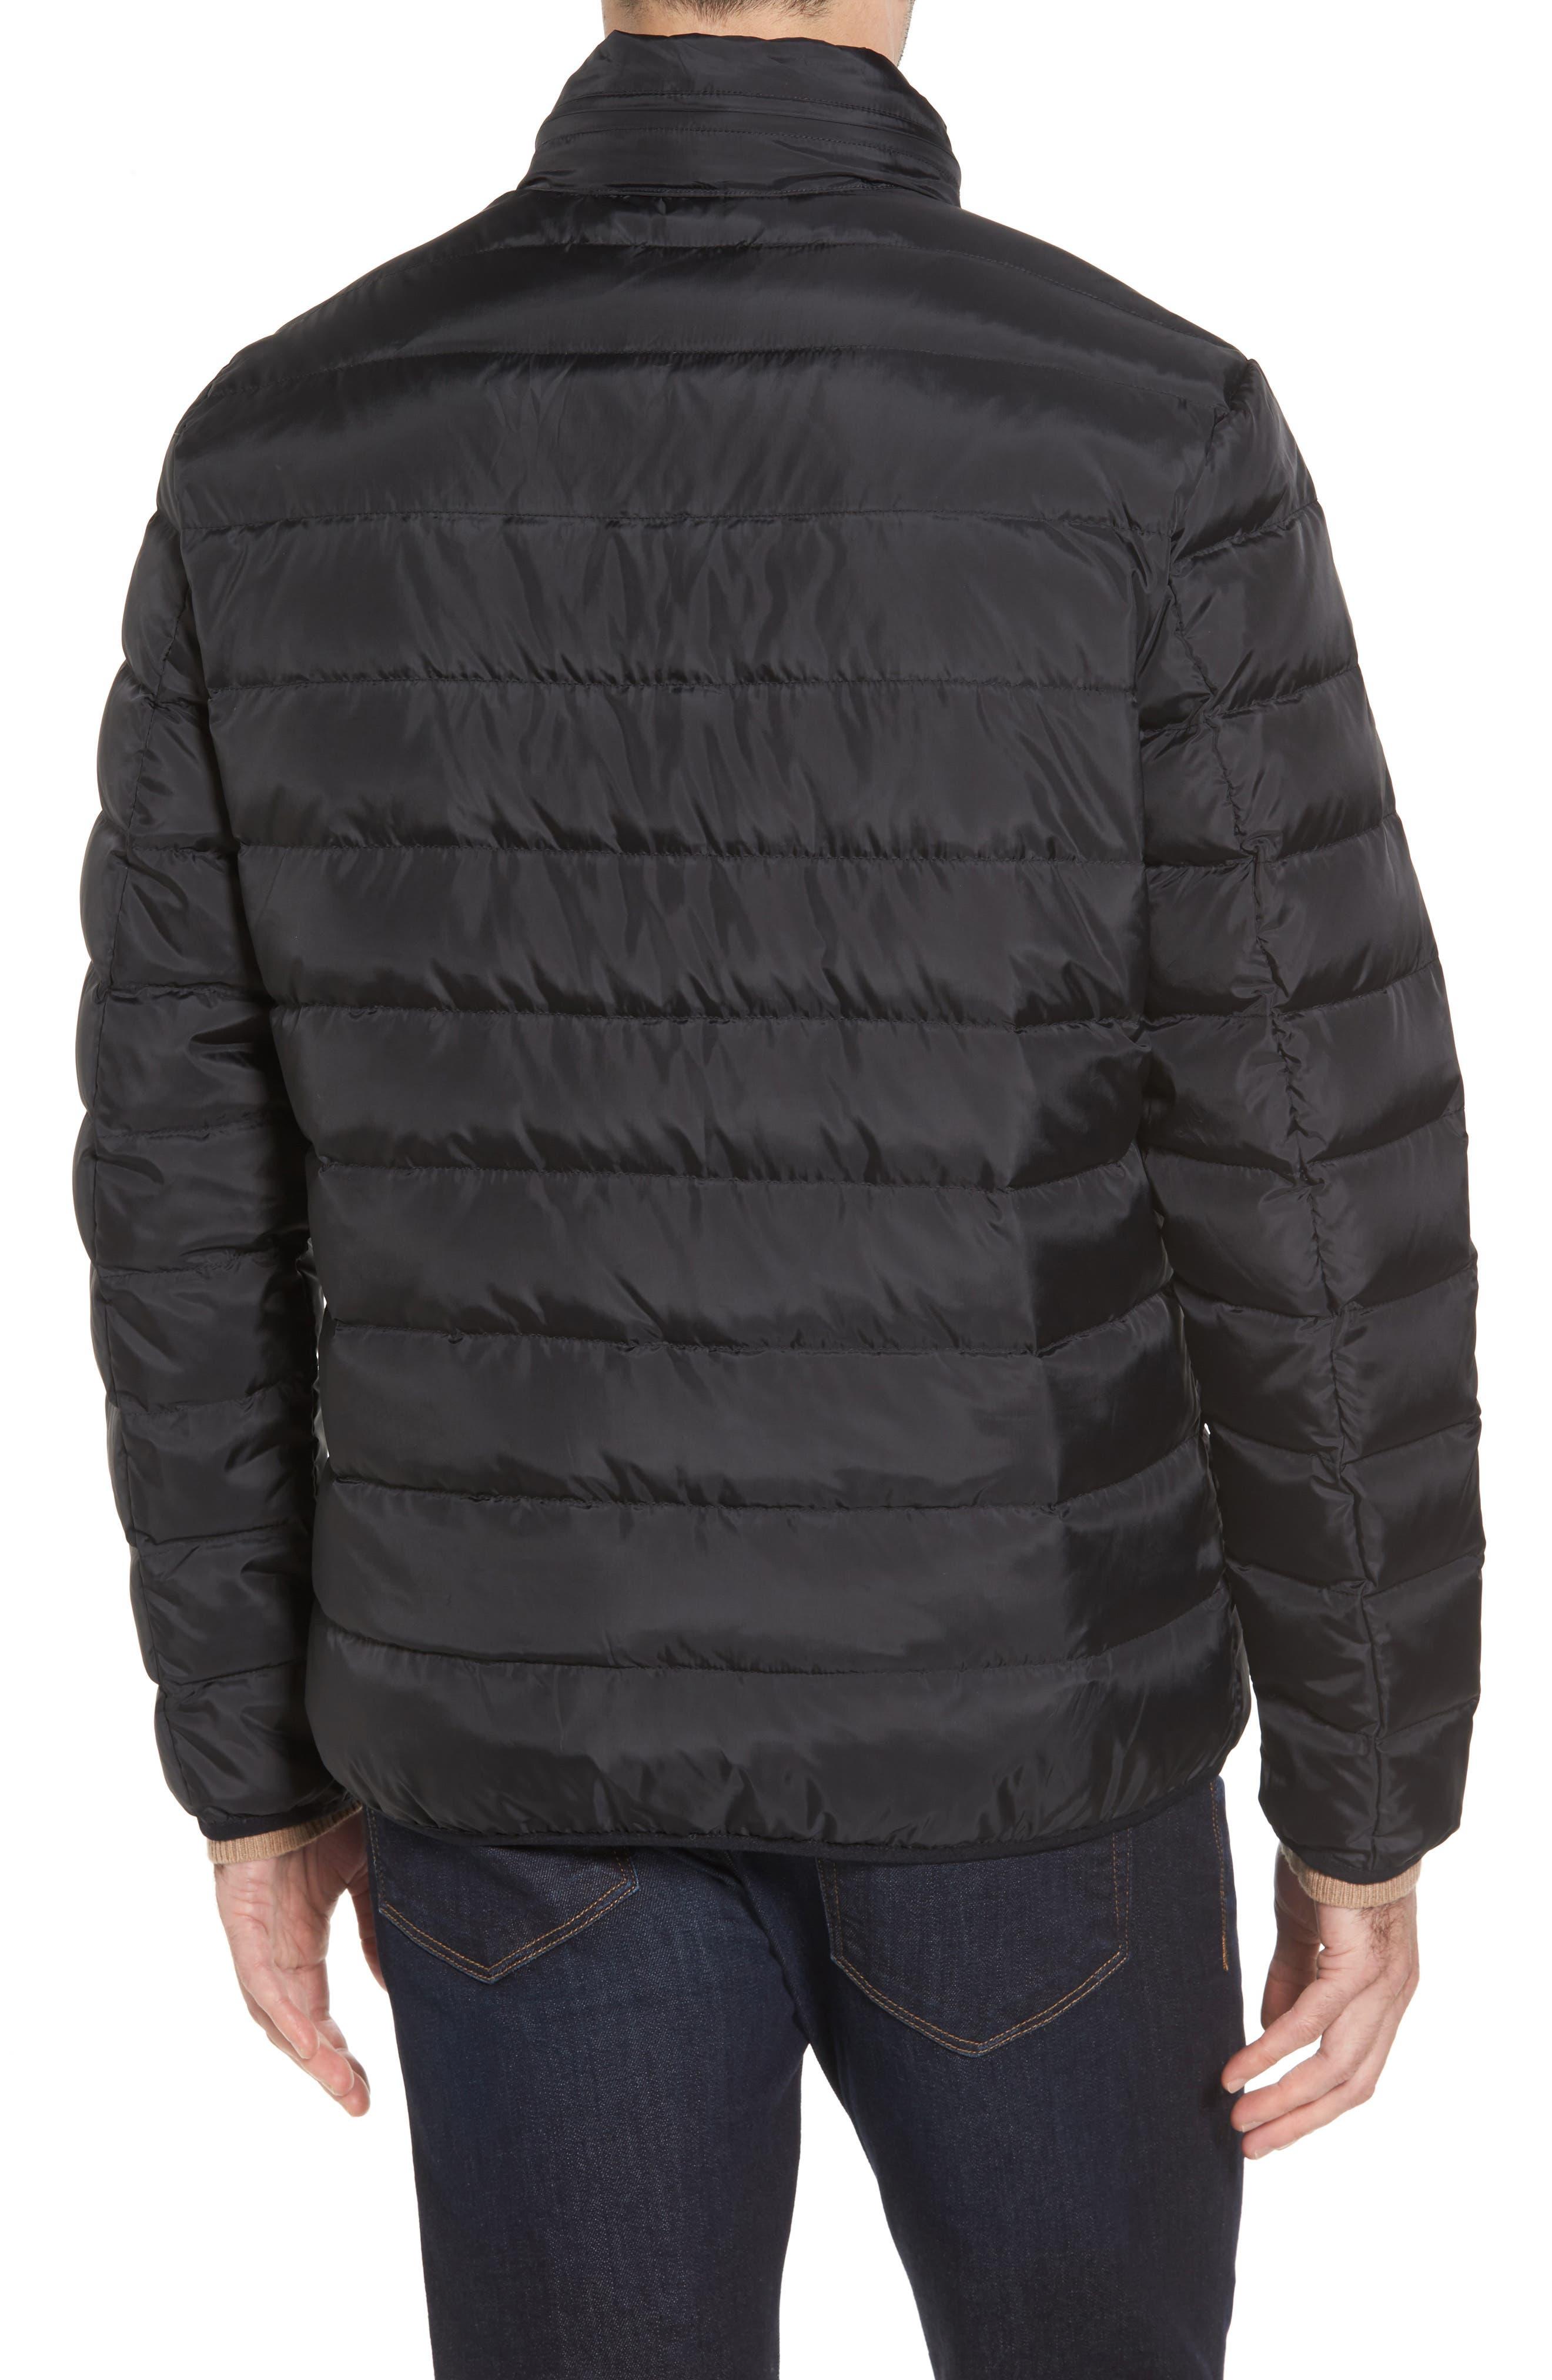 Packable Down Jacket,                             Alternate thumbnail 2, color,                             Black